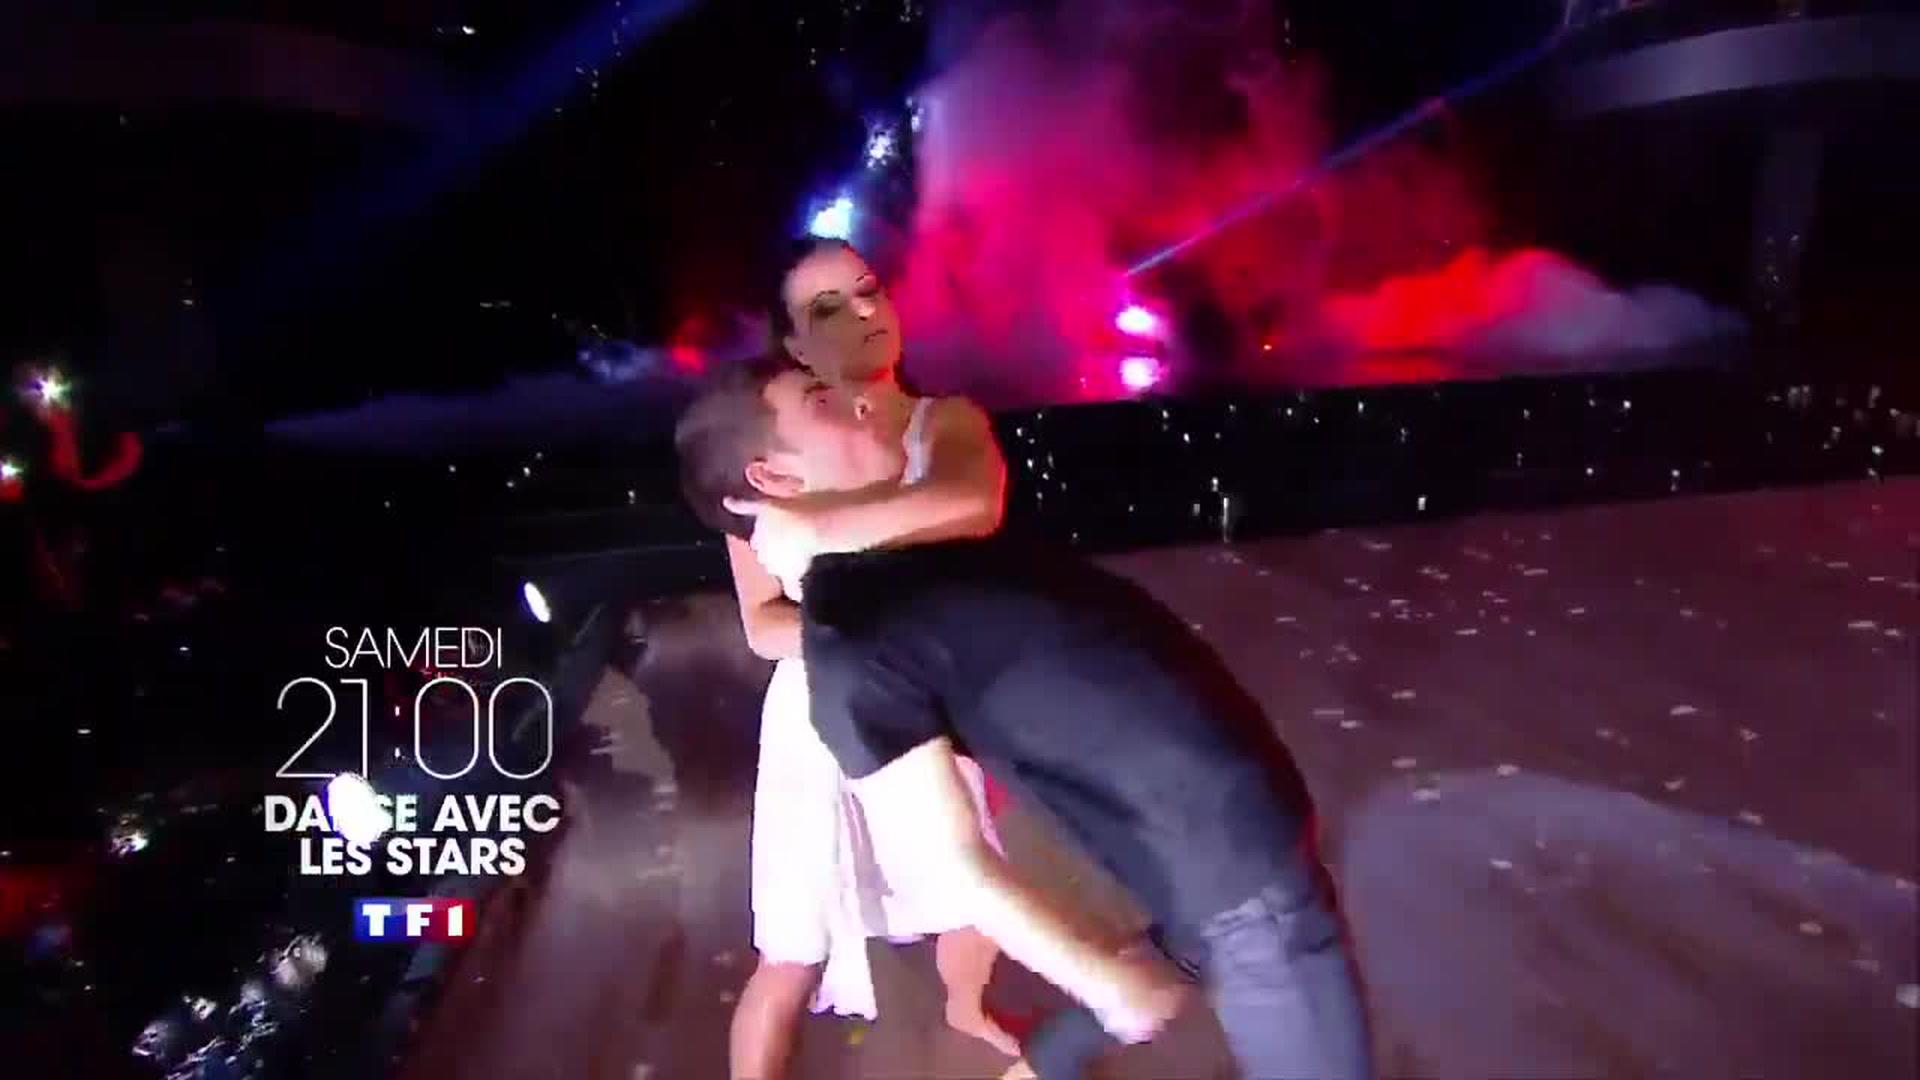 Danse avec les stars : Episode 5